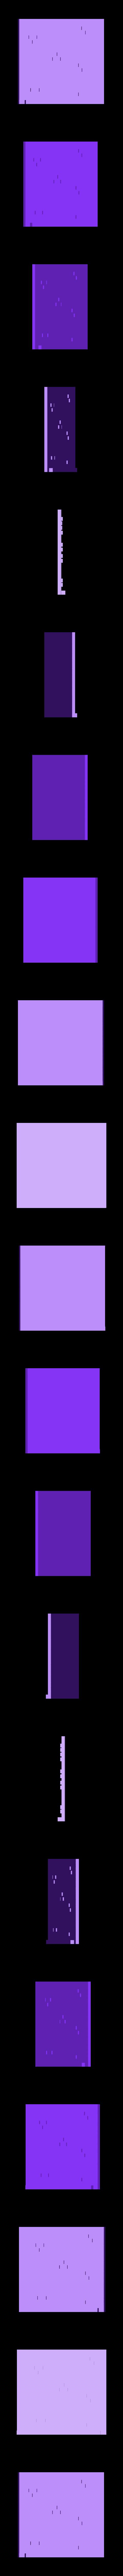 blank_wall2.stl Télécharger fichier STL gratuit Ripper's London - The (Modular) Factory • Modèle pour imprimante 3D, Earsling